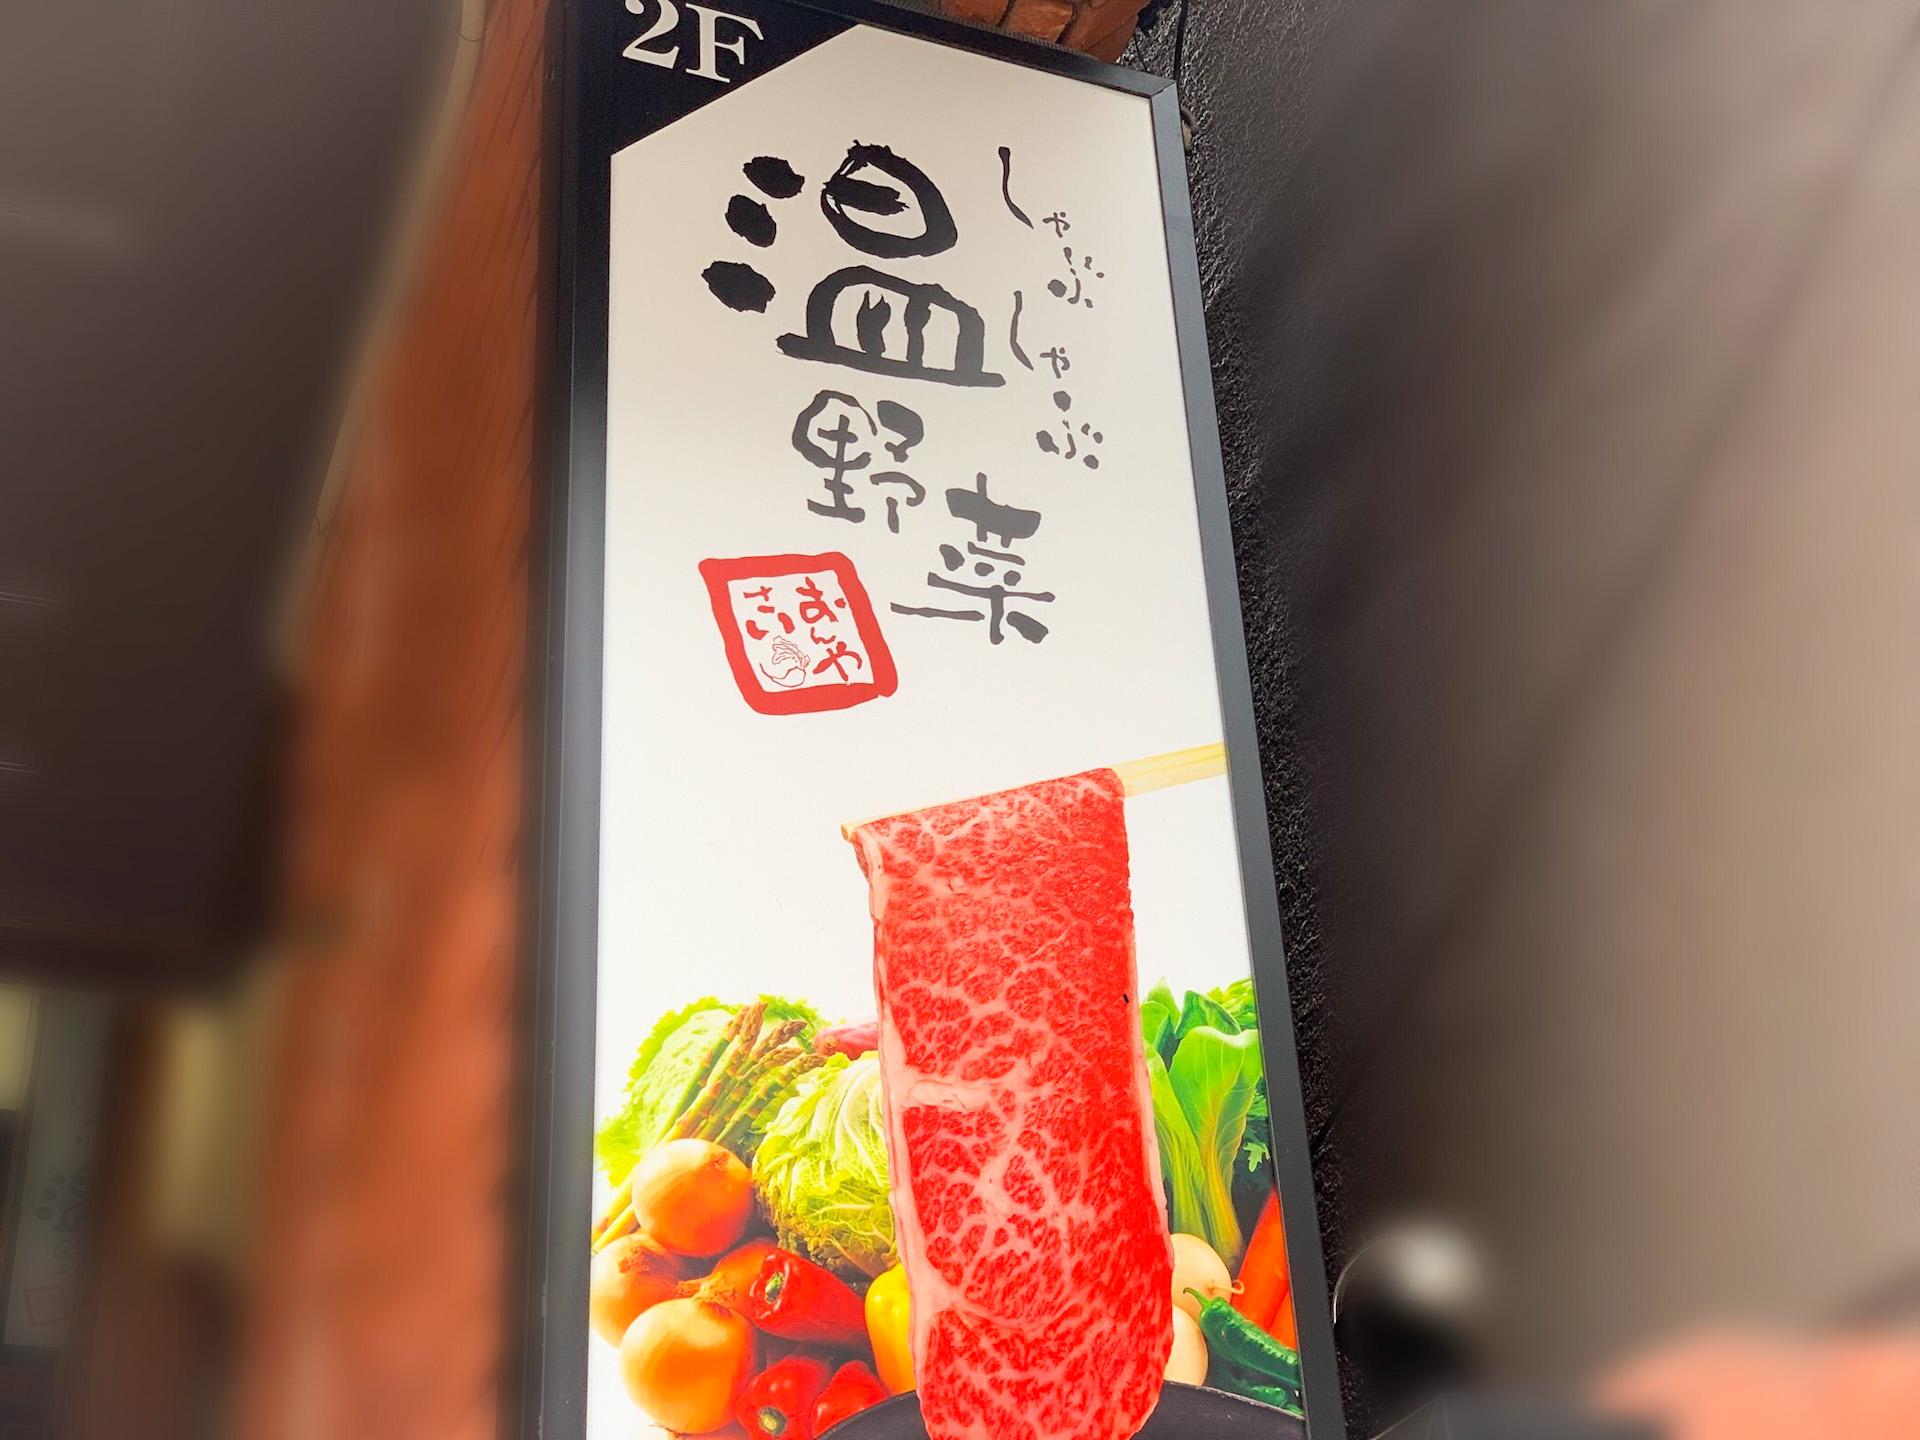 しゃぶしゃぶ温野菜の人気メニュー特集!食べ放題のおすすめの楽しみ方も!